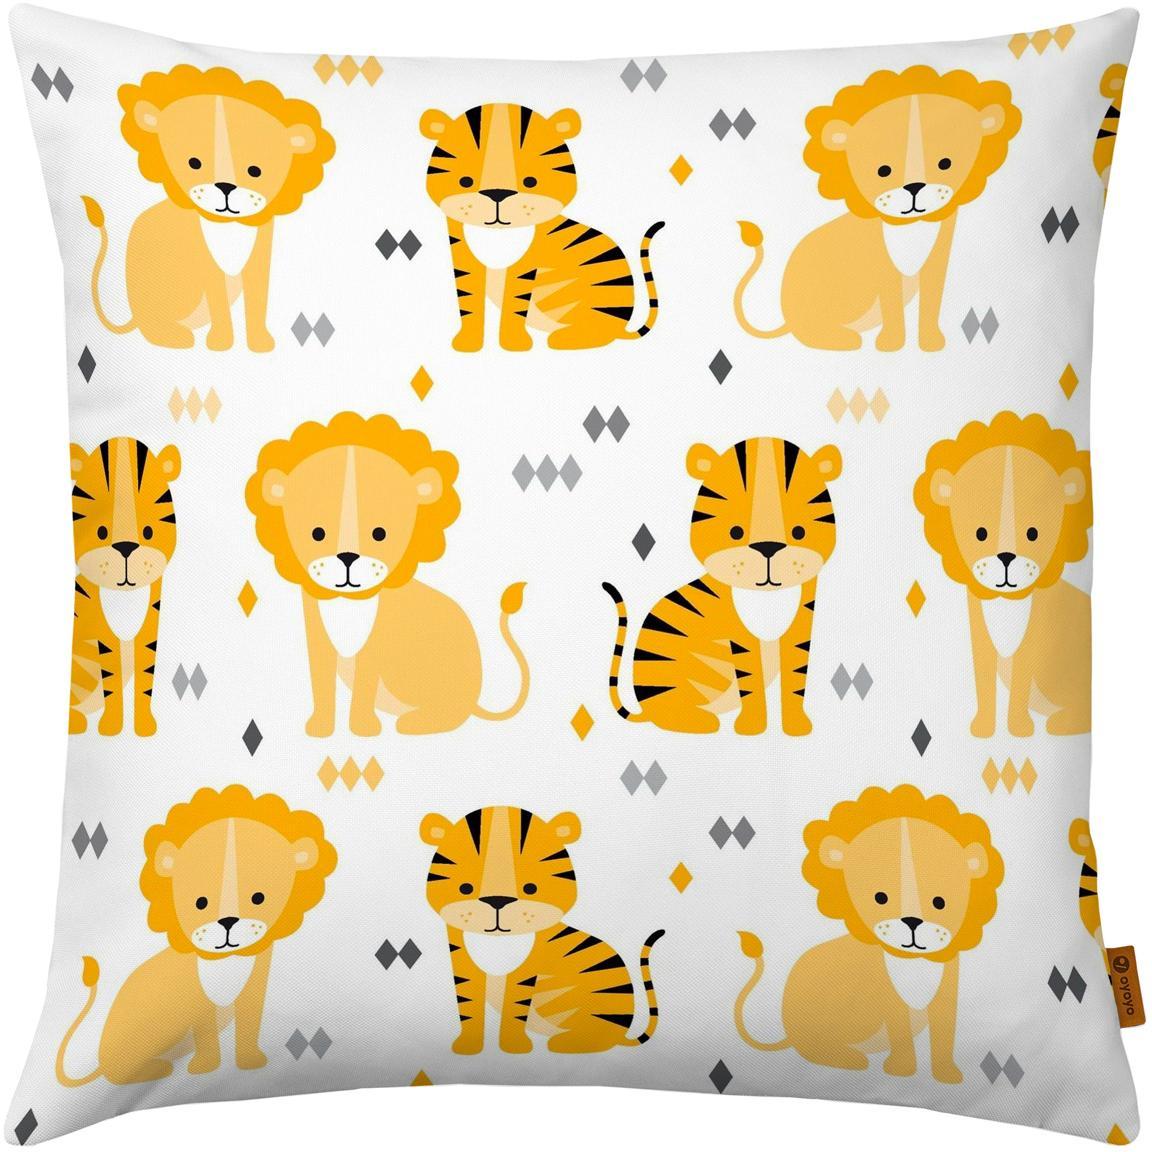 Kussenhoes Lion and Tiger, Katoen, Wit, geel, oranje, grijs, zwart, 40 x 40 cm